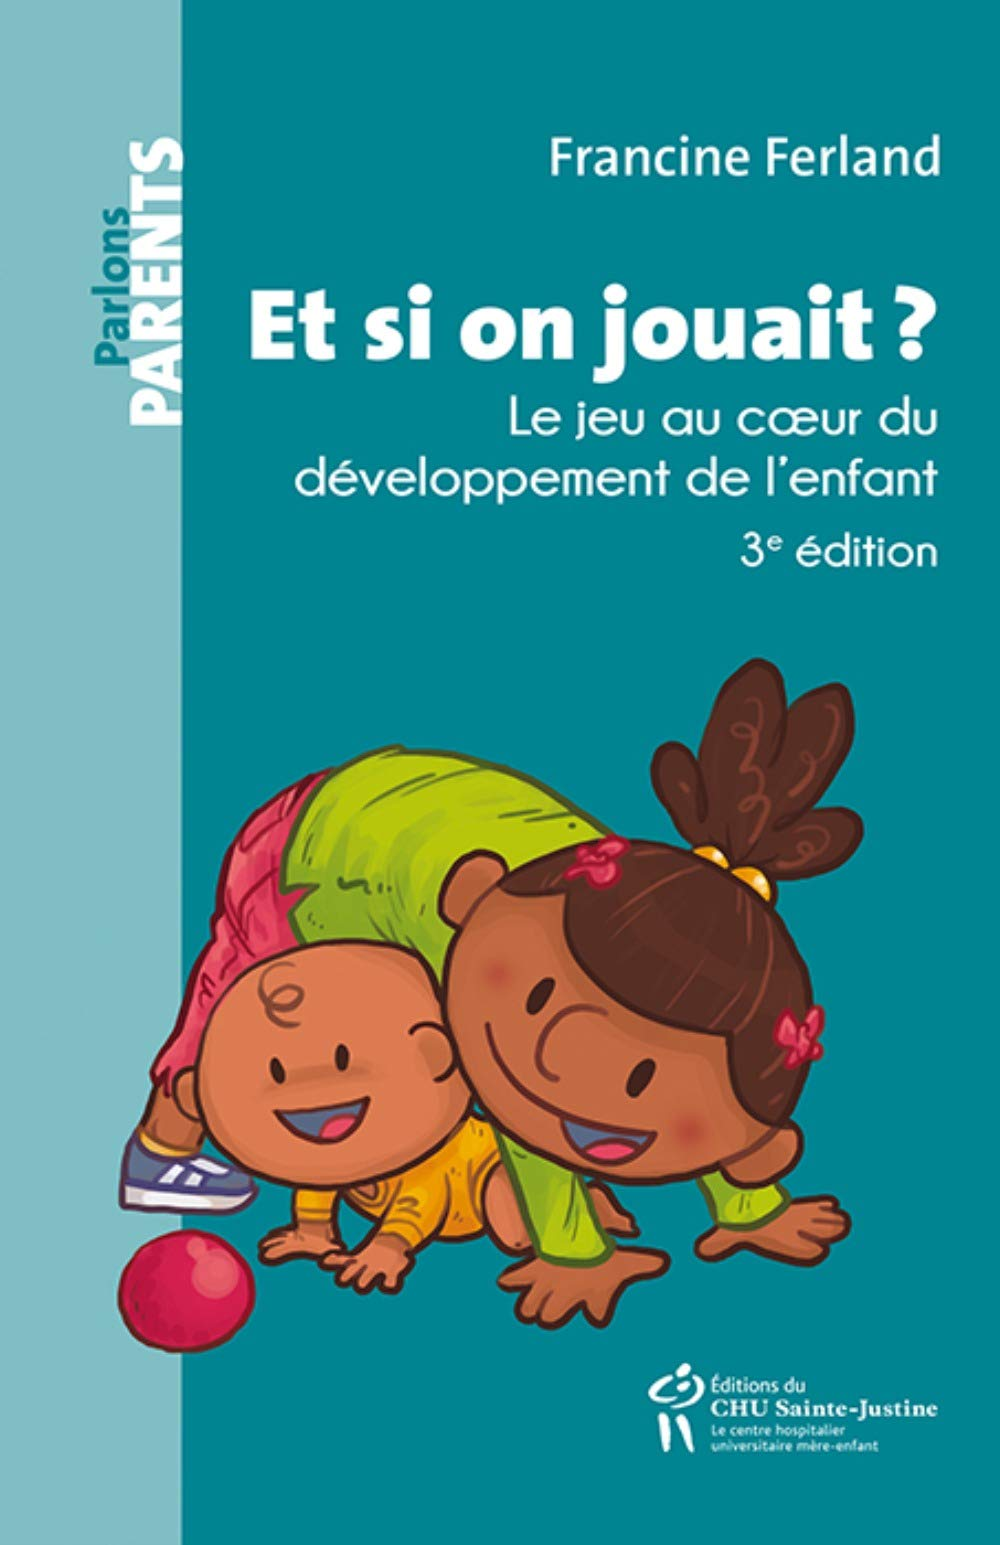 Jeux et développement de l'enfant